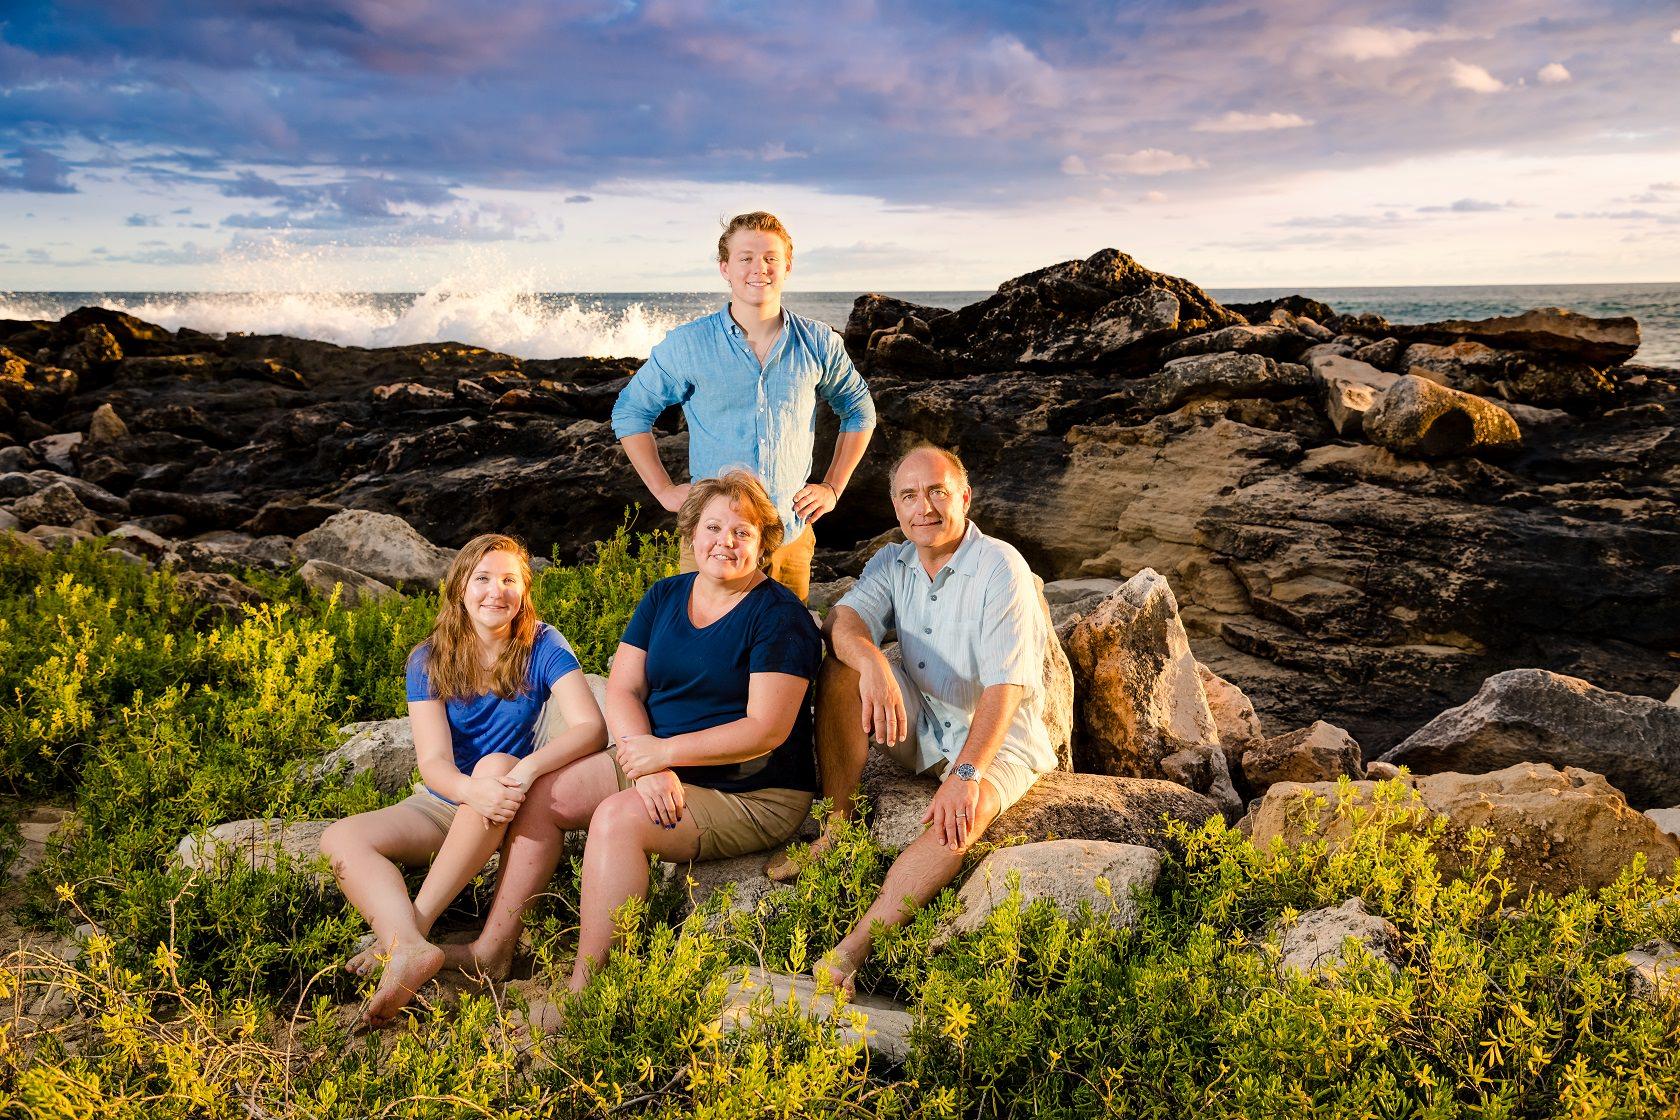 family photographer oahu honolulu waikiki